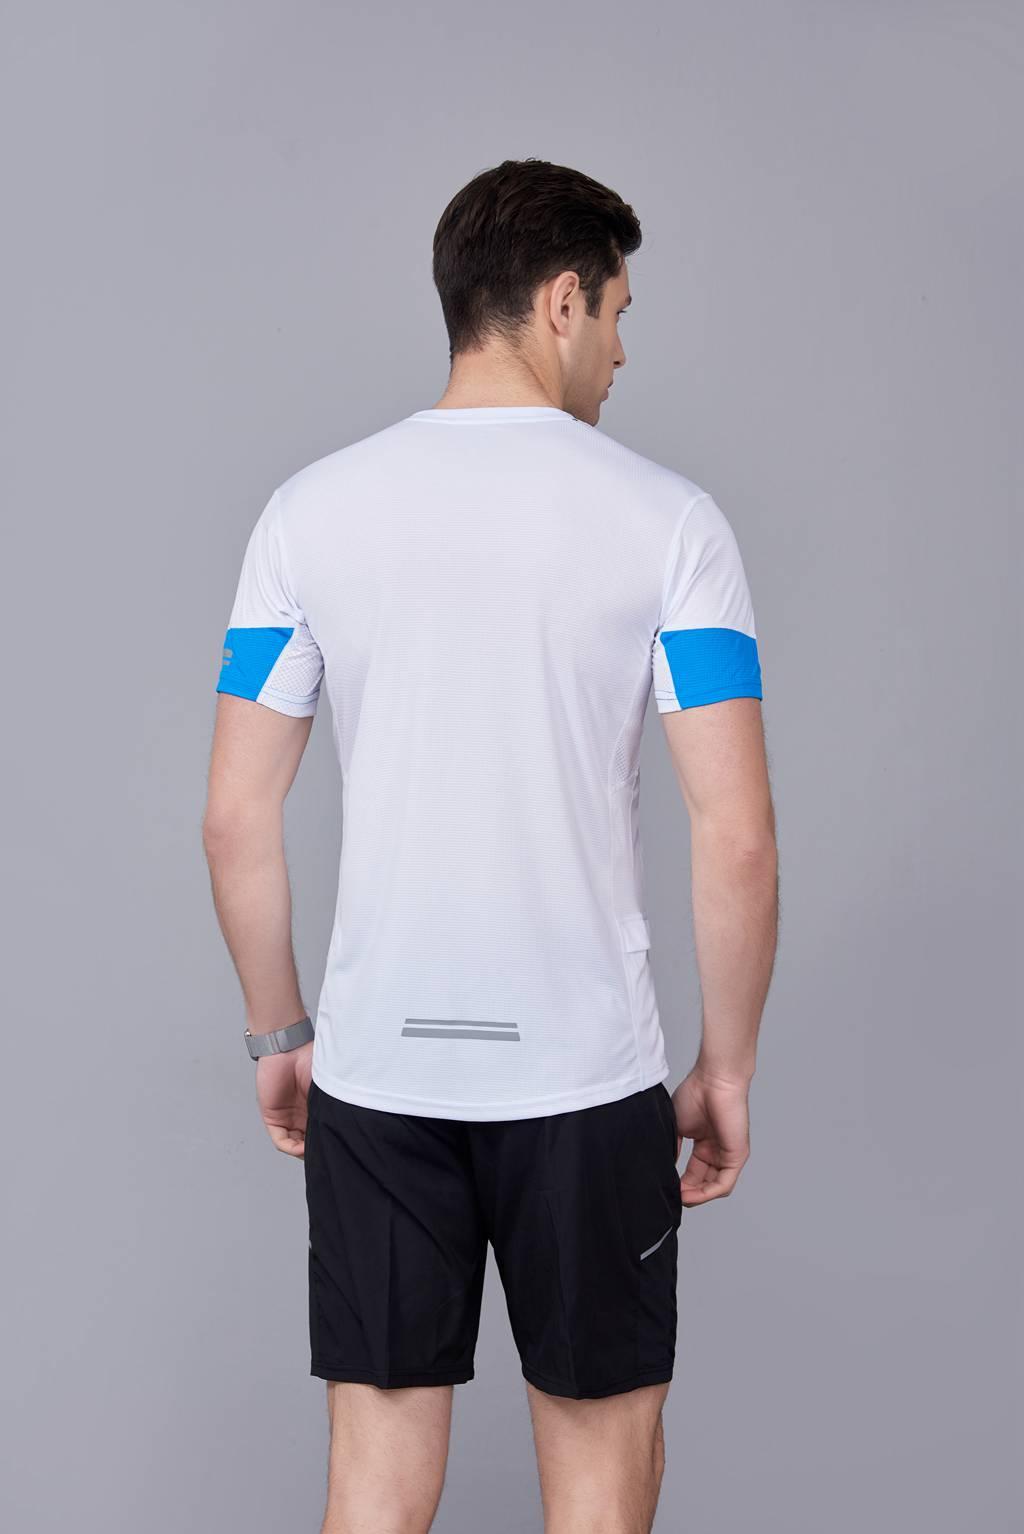 潮流运动T恤 打底衫 圆领休闲宽松款 白色